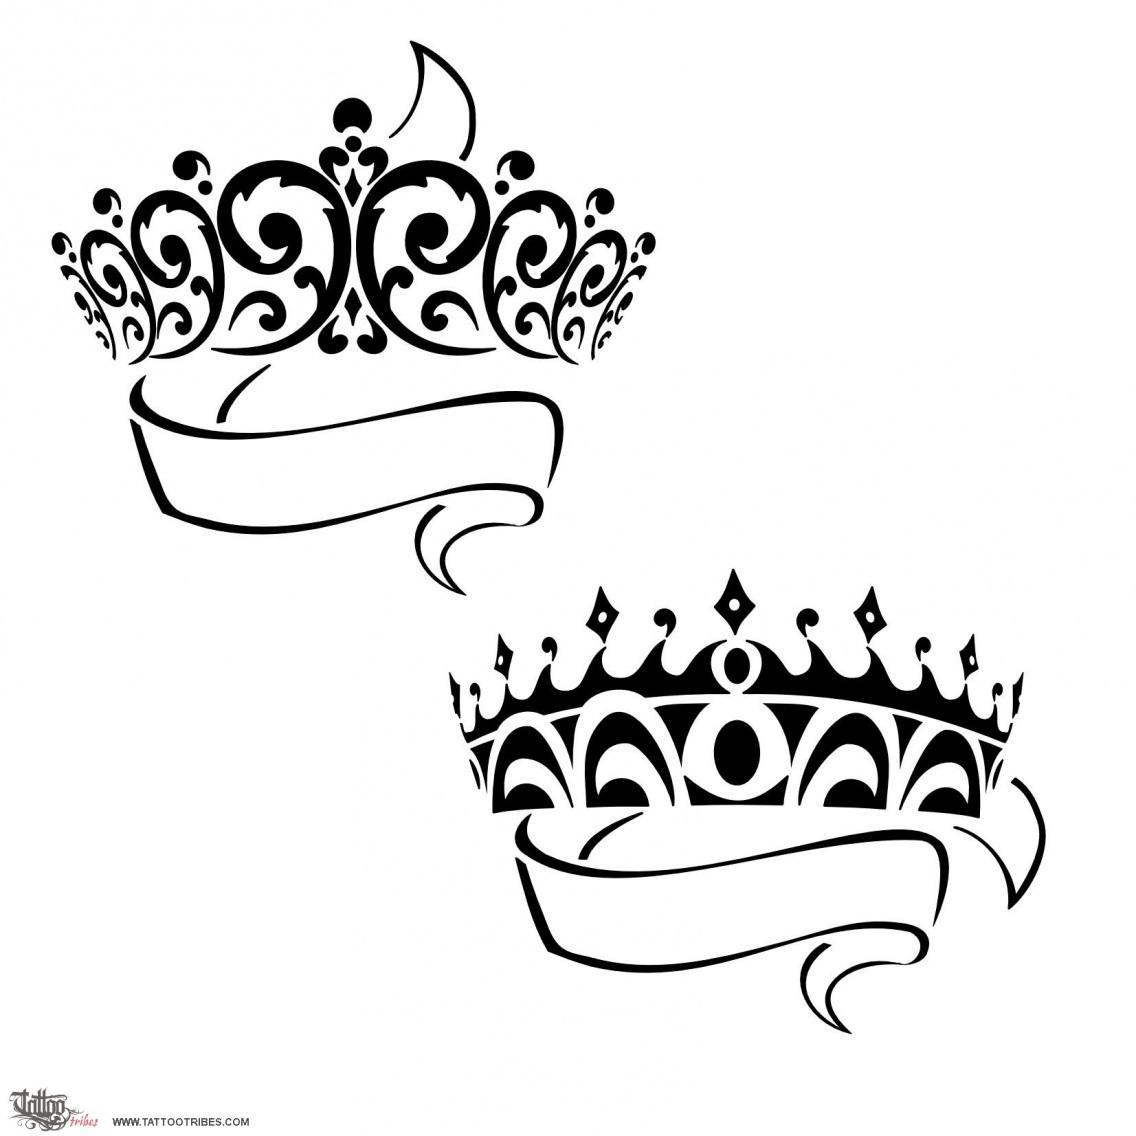 Drawn princess tattooed Crowns Princess Tattoo halimeda Photo